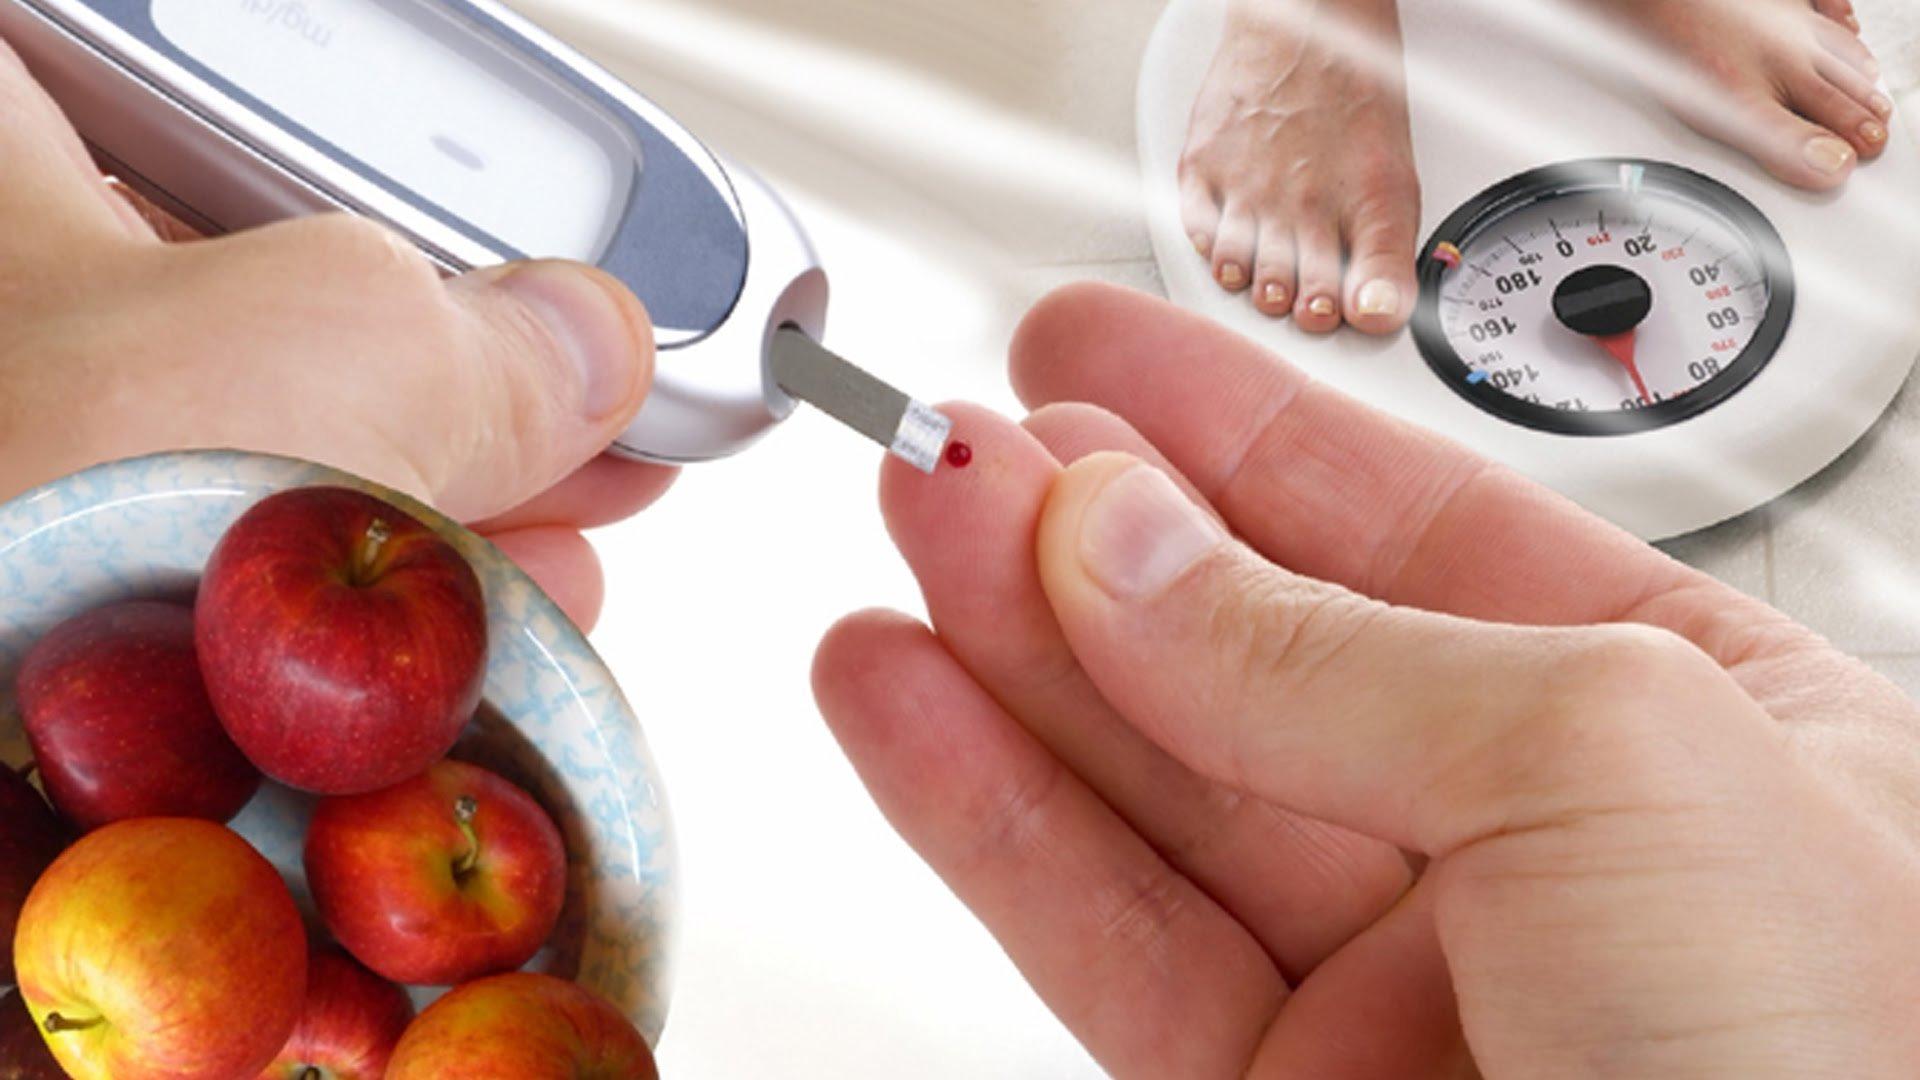 Группа инвалидности диабетикам